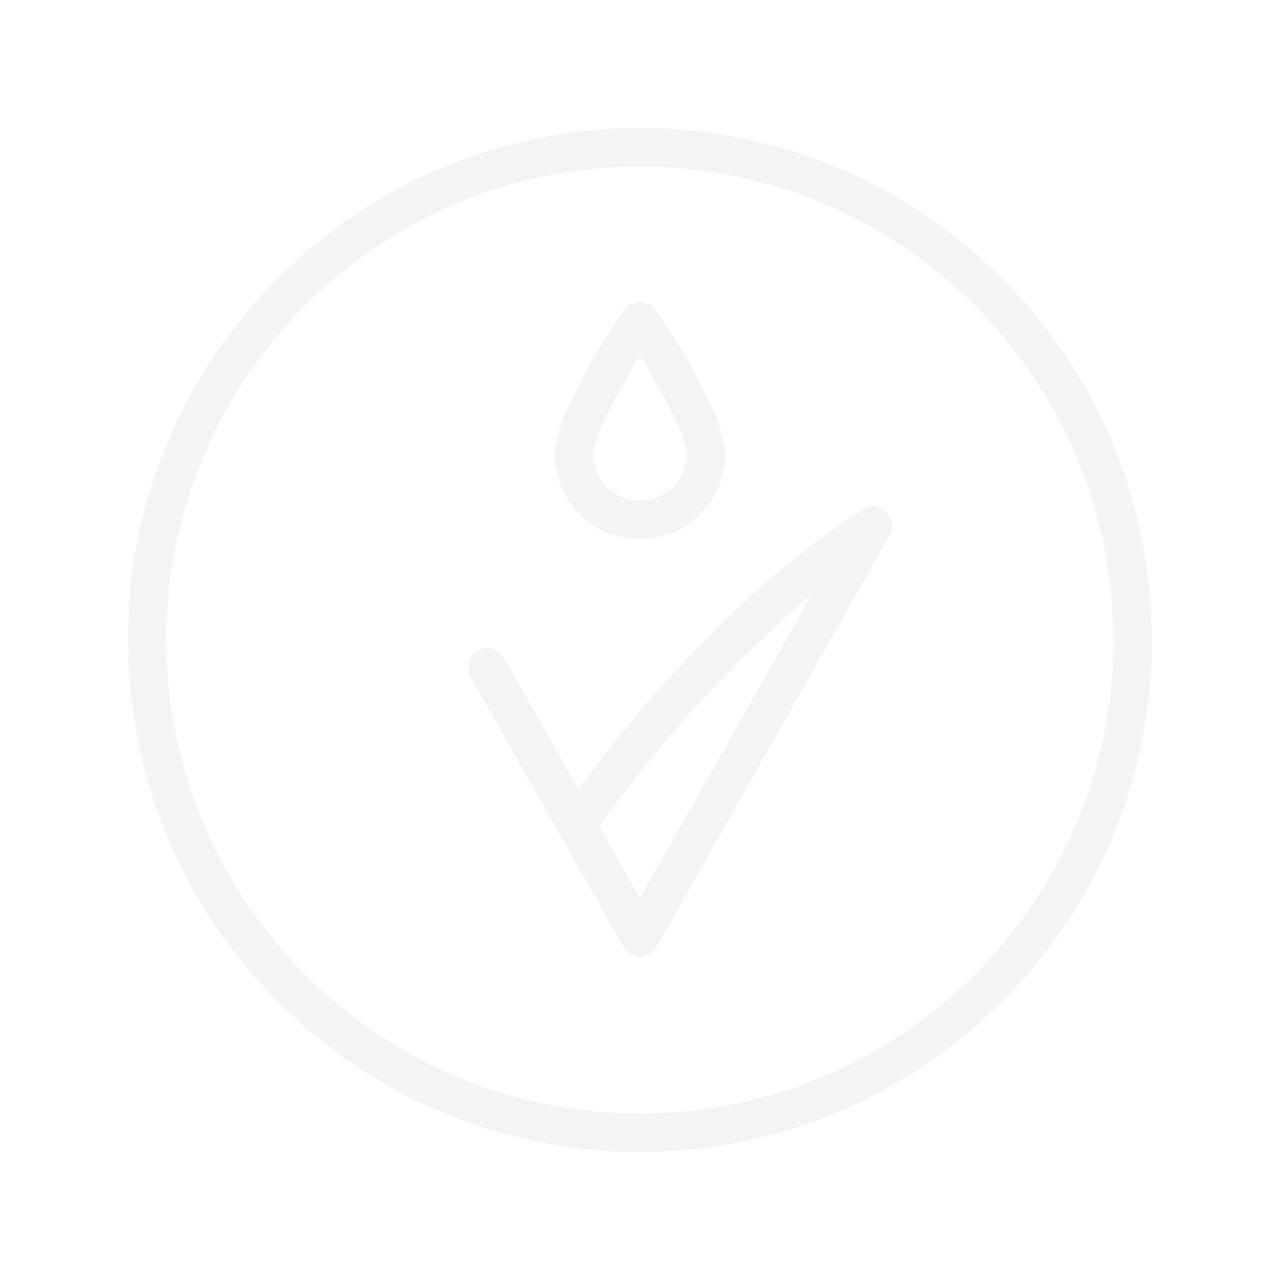 JAMES BOND 007 Quantum 50ml Eau De Toilette Gift Set